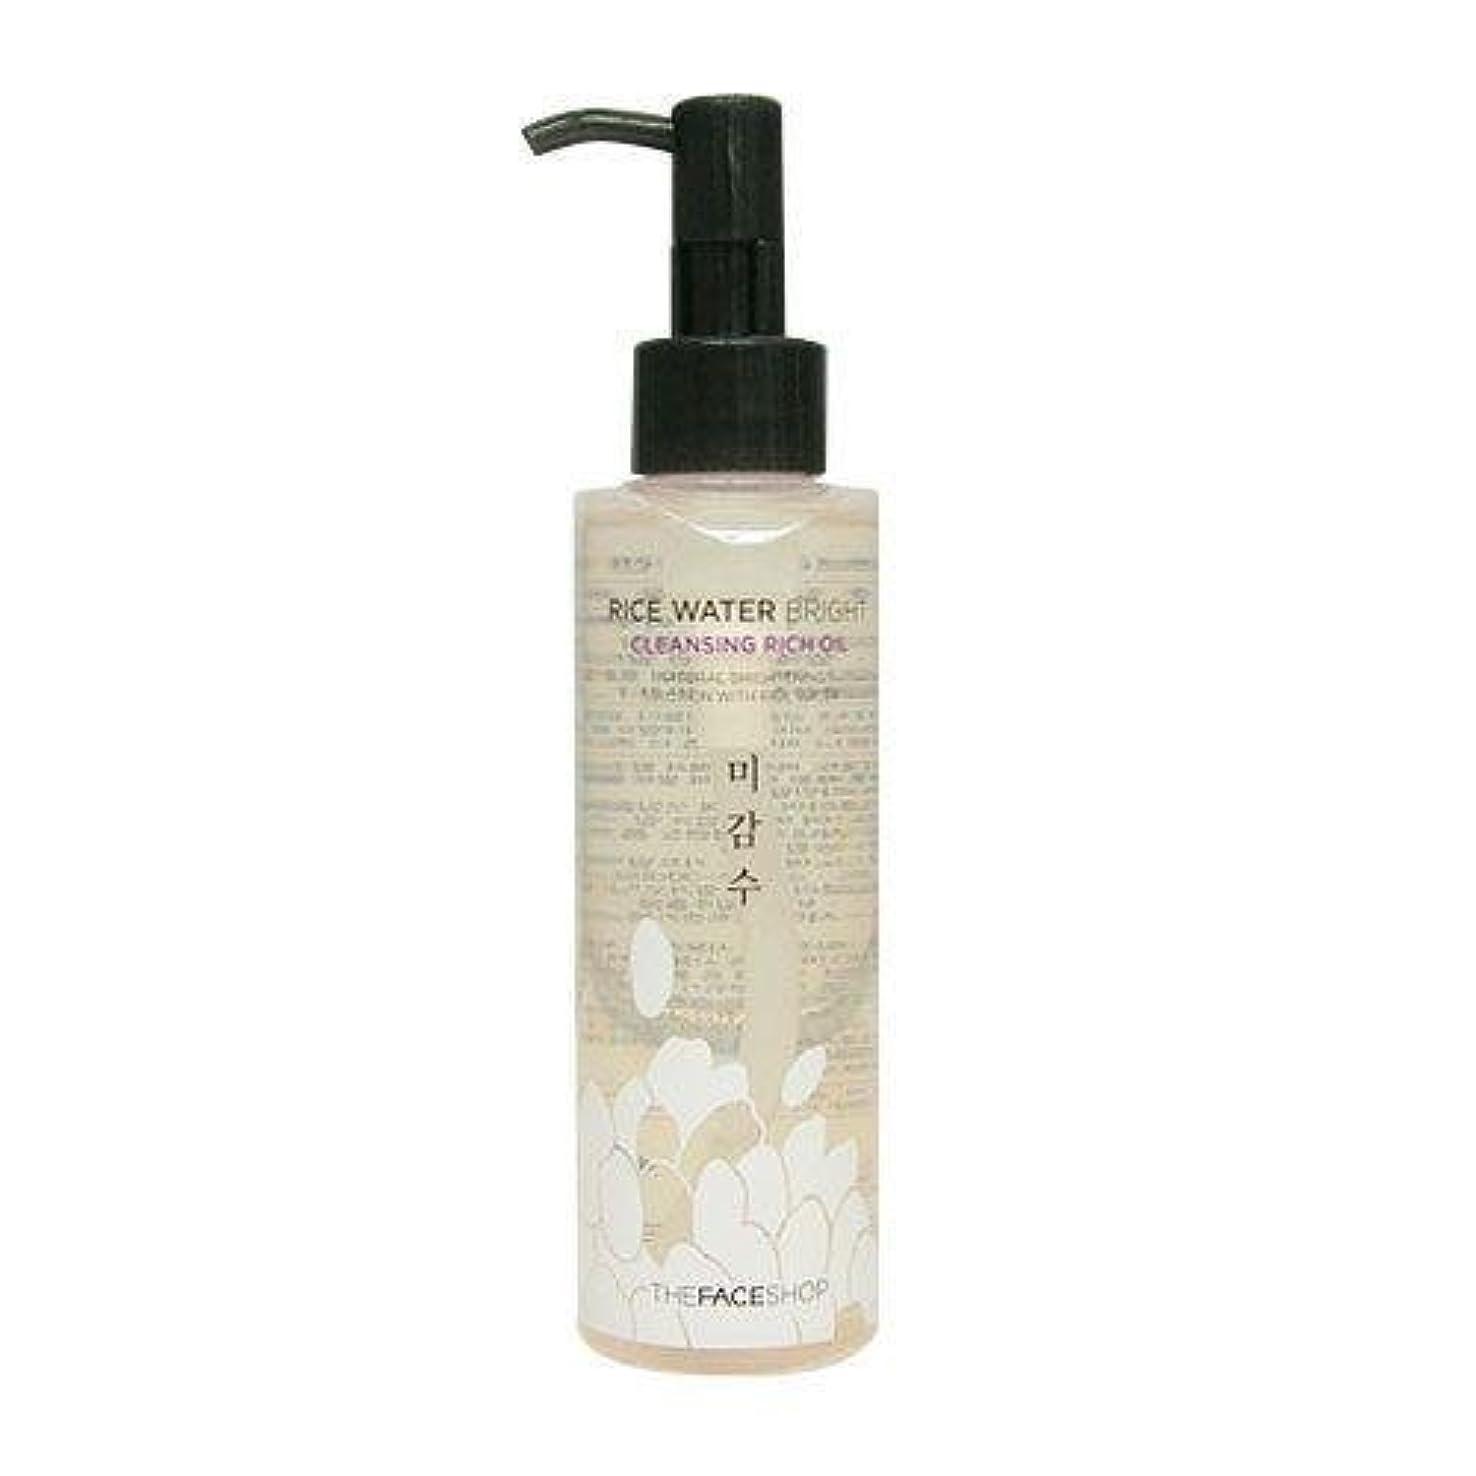 志す素晴らしさ電子レンジThe Face Shop Rice Water Bright Cleansing Rich Oil (Dry Skin) (Korean original)